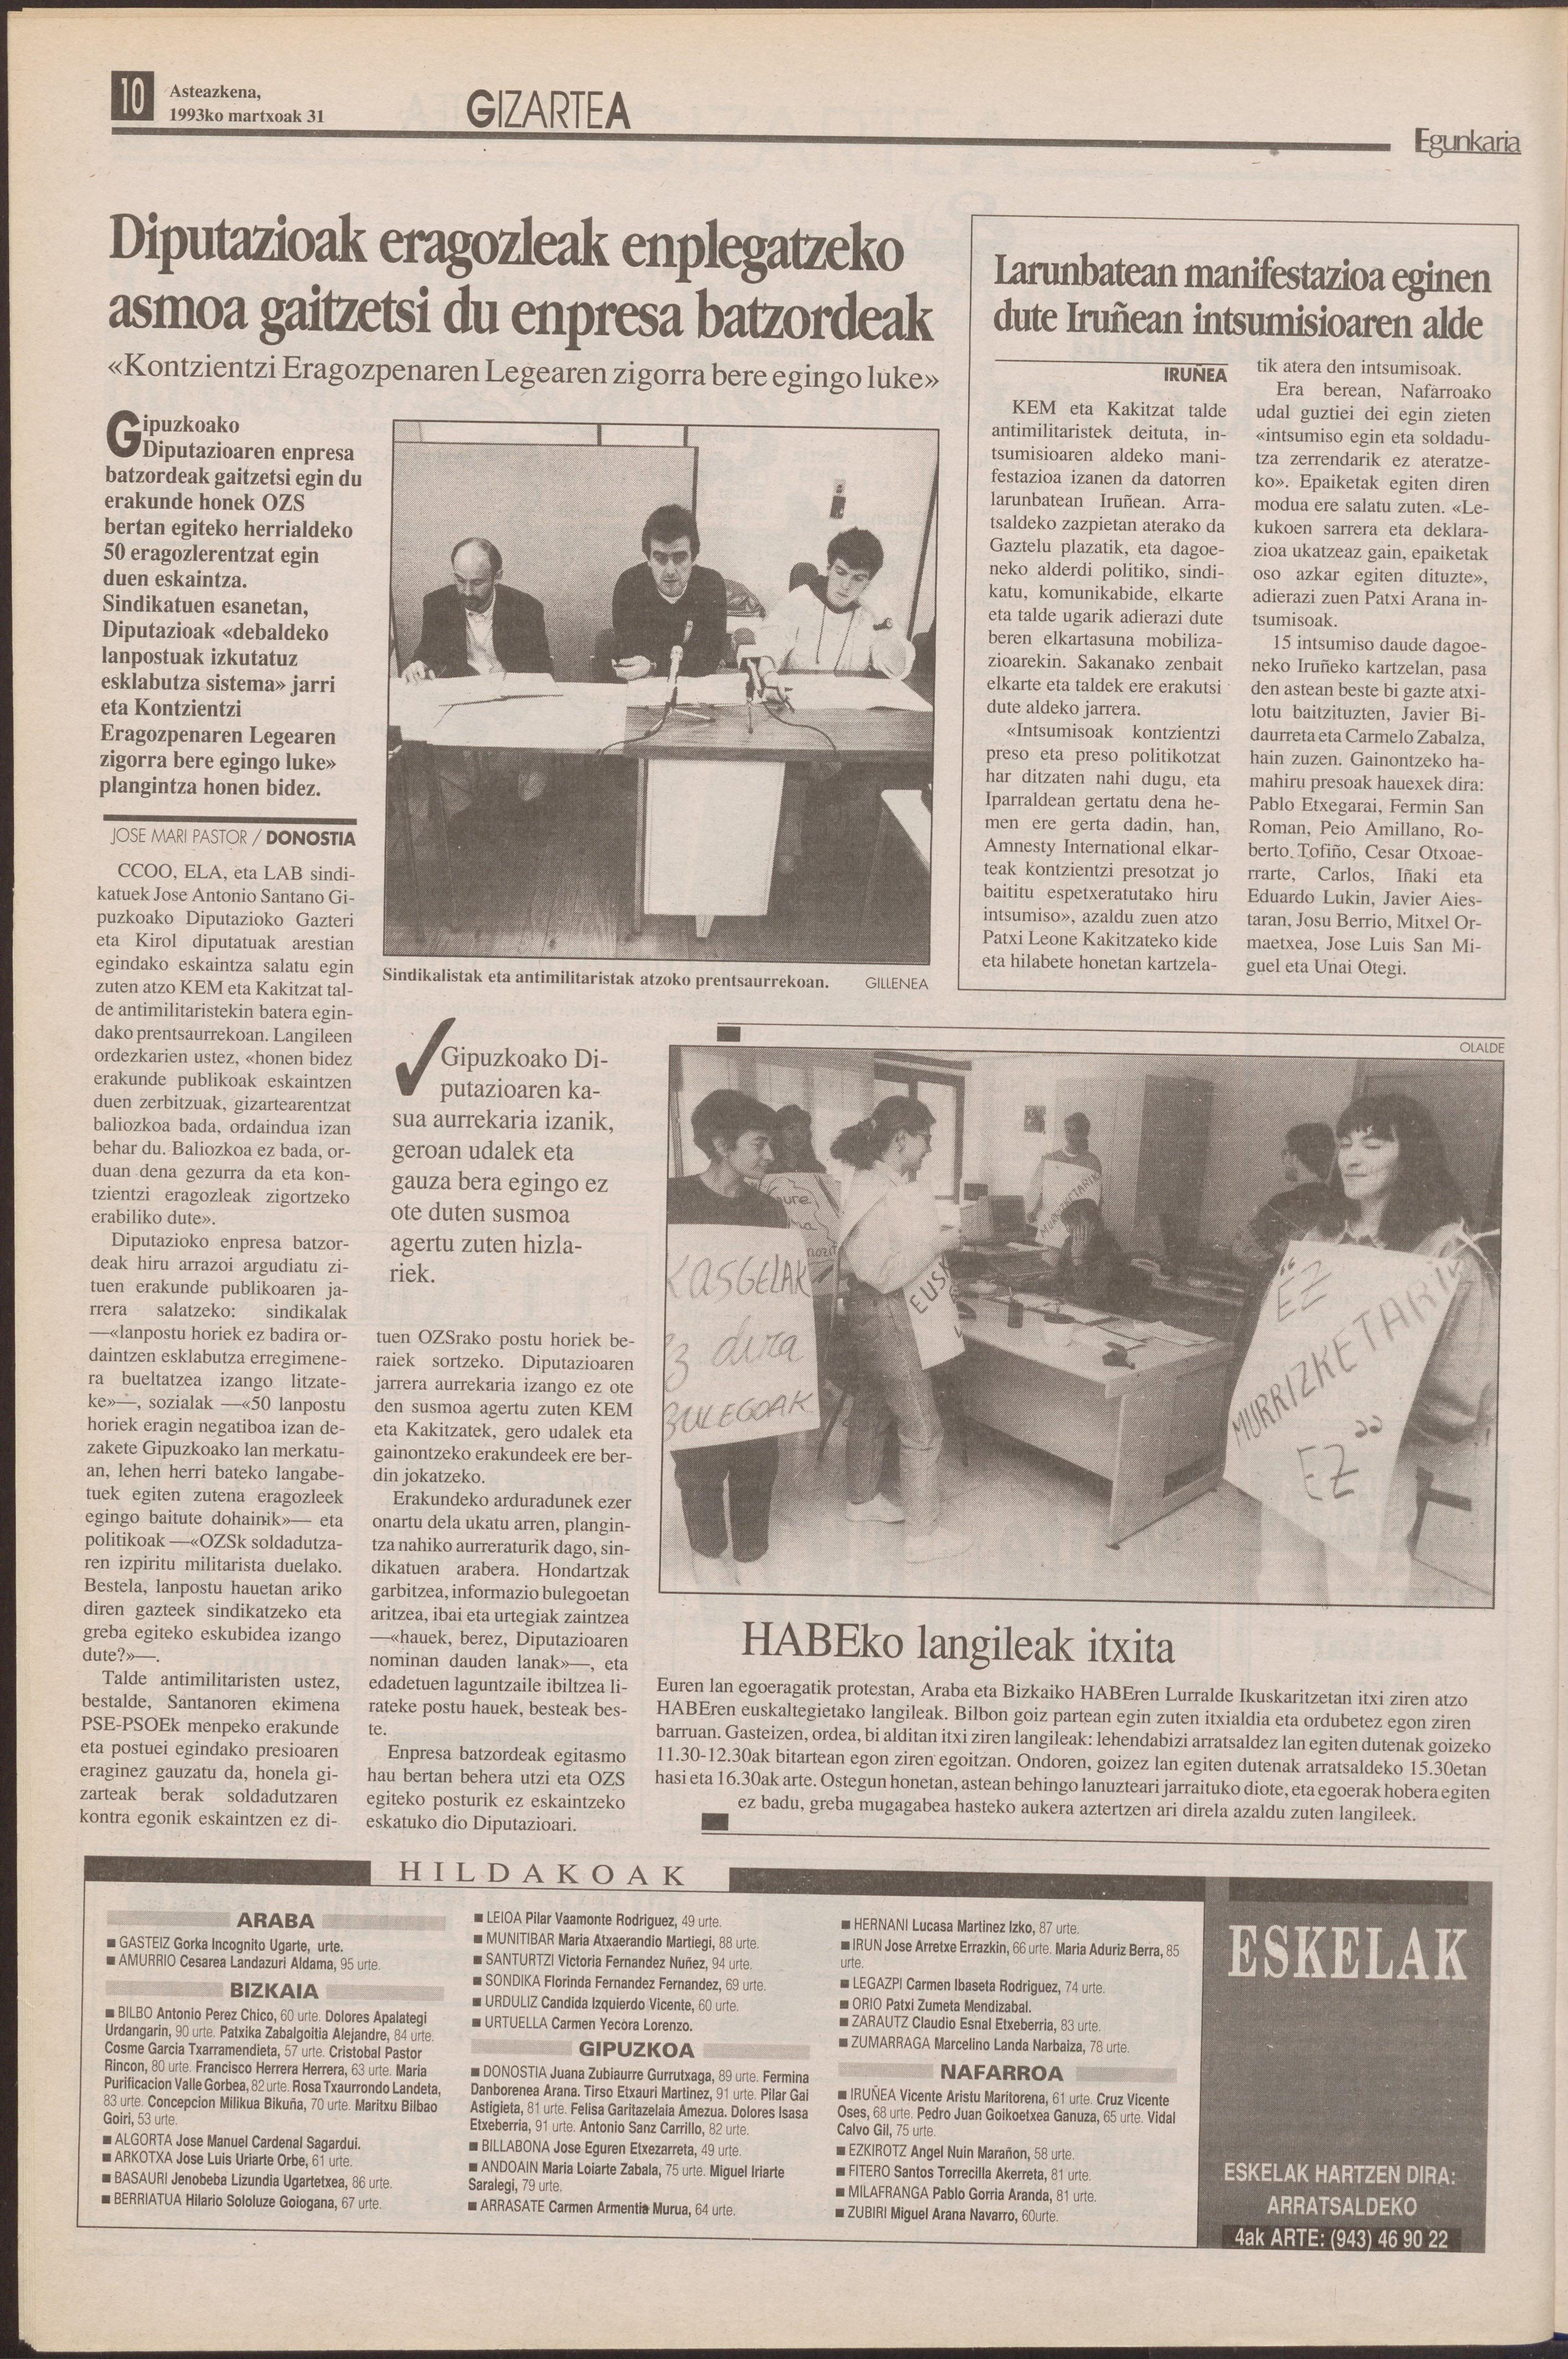 1993ko martxoak 31, 10. orrialdea